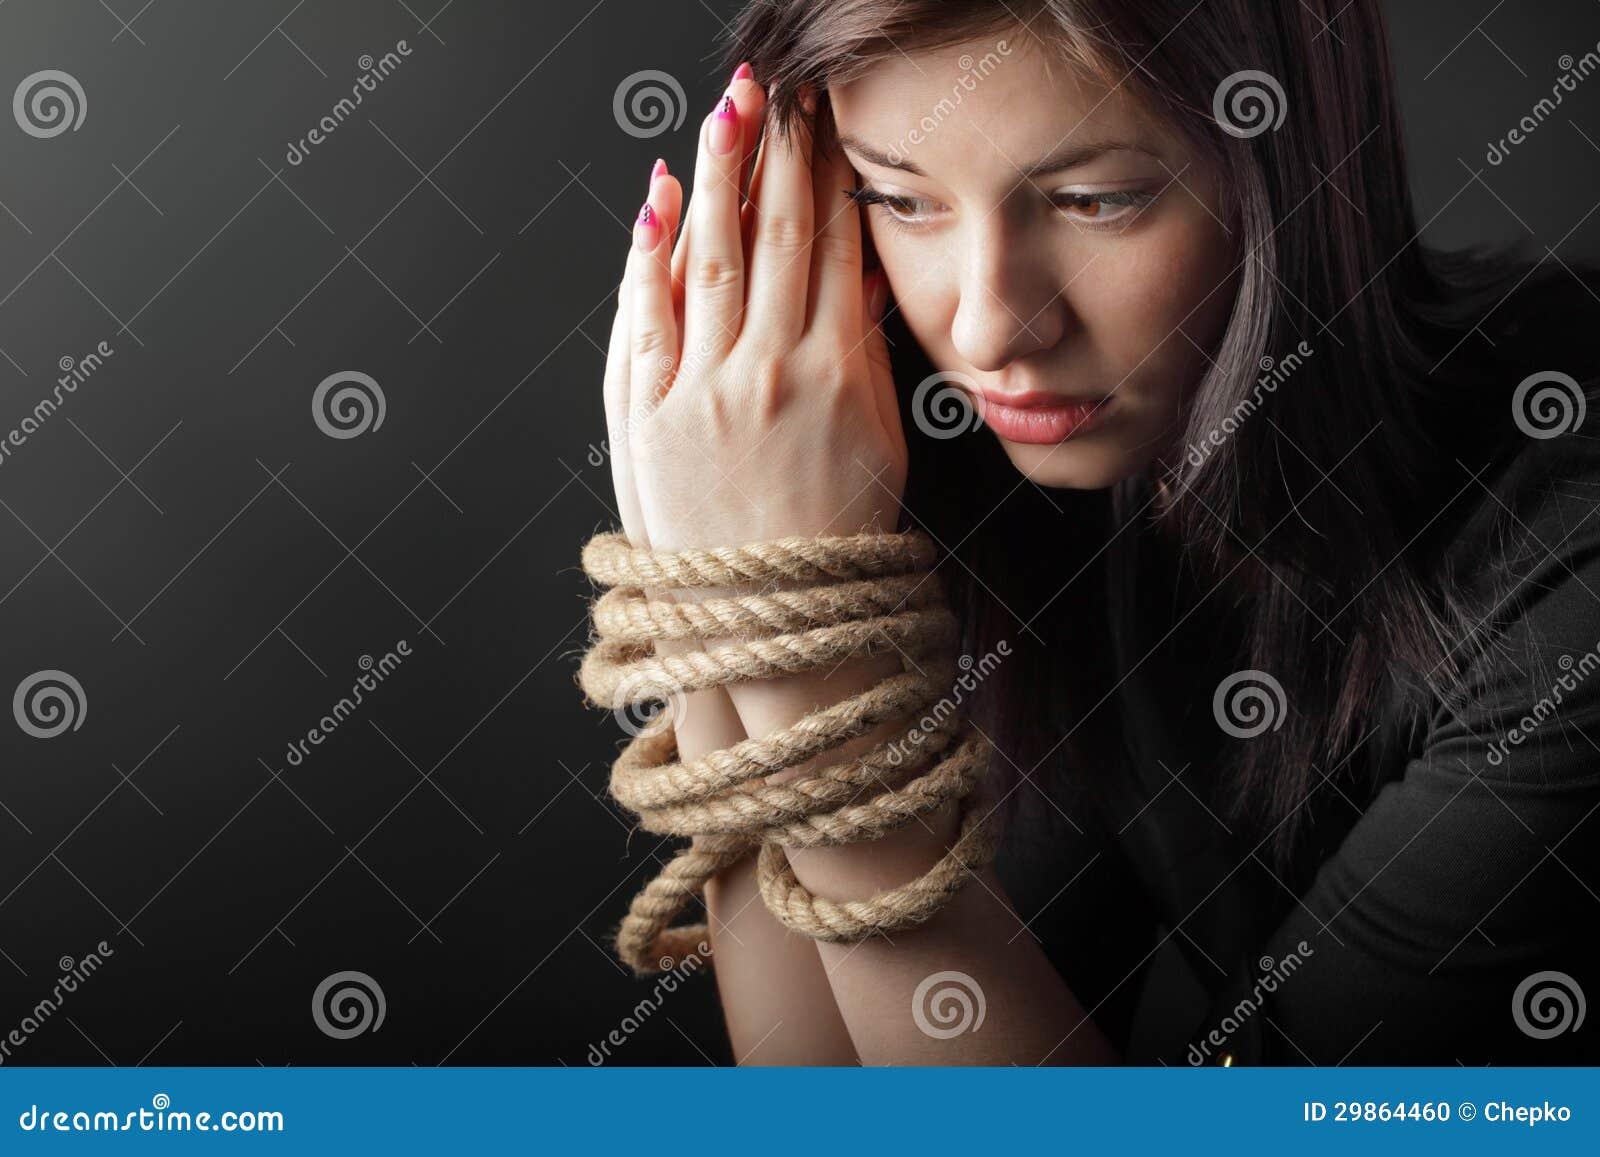 Связанная веревкой девушка 13 фотография